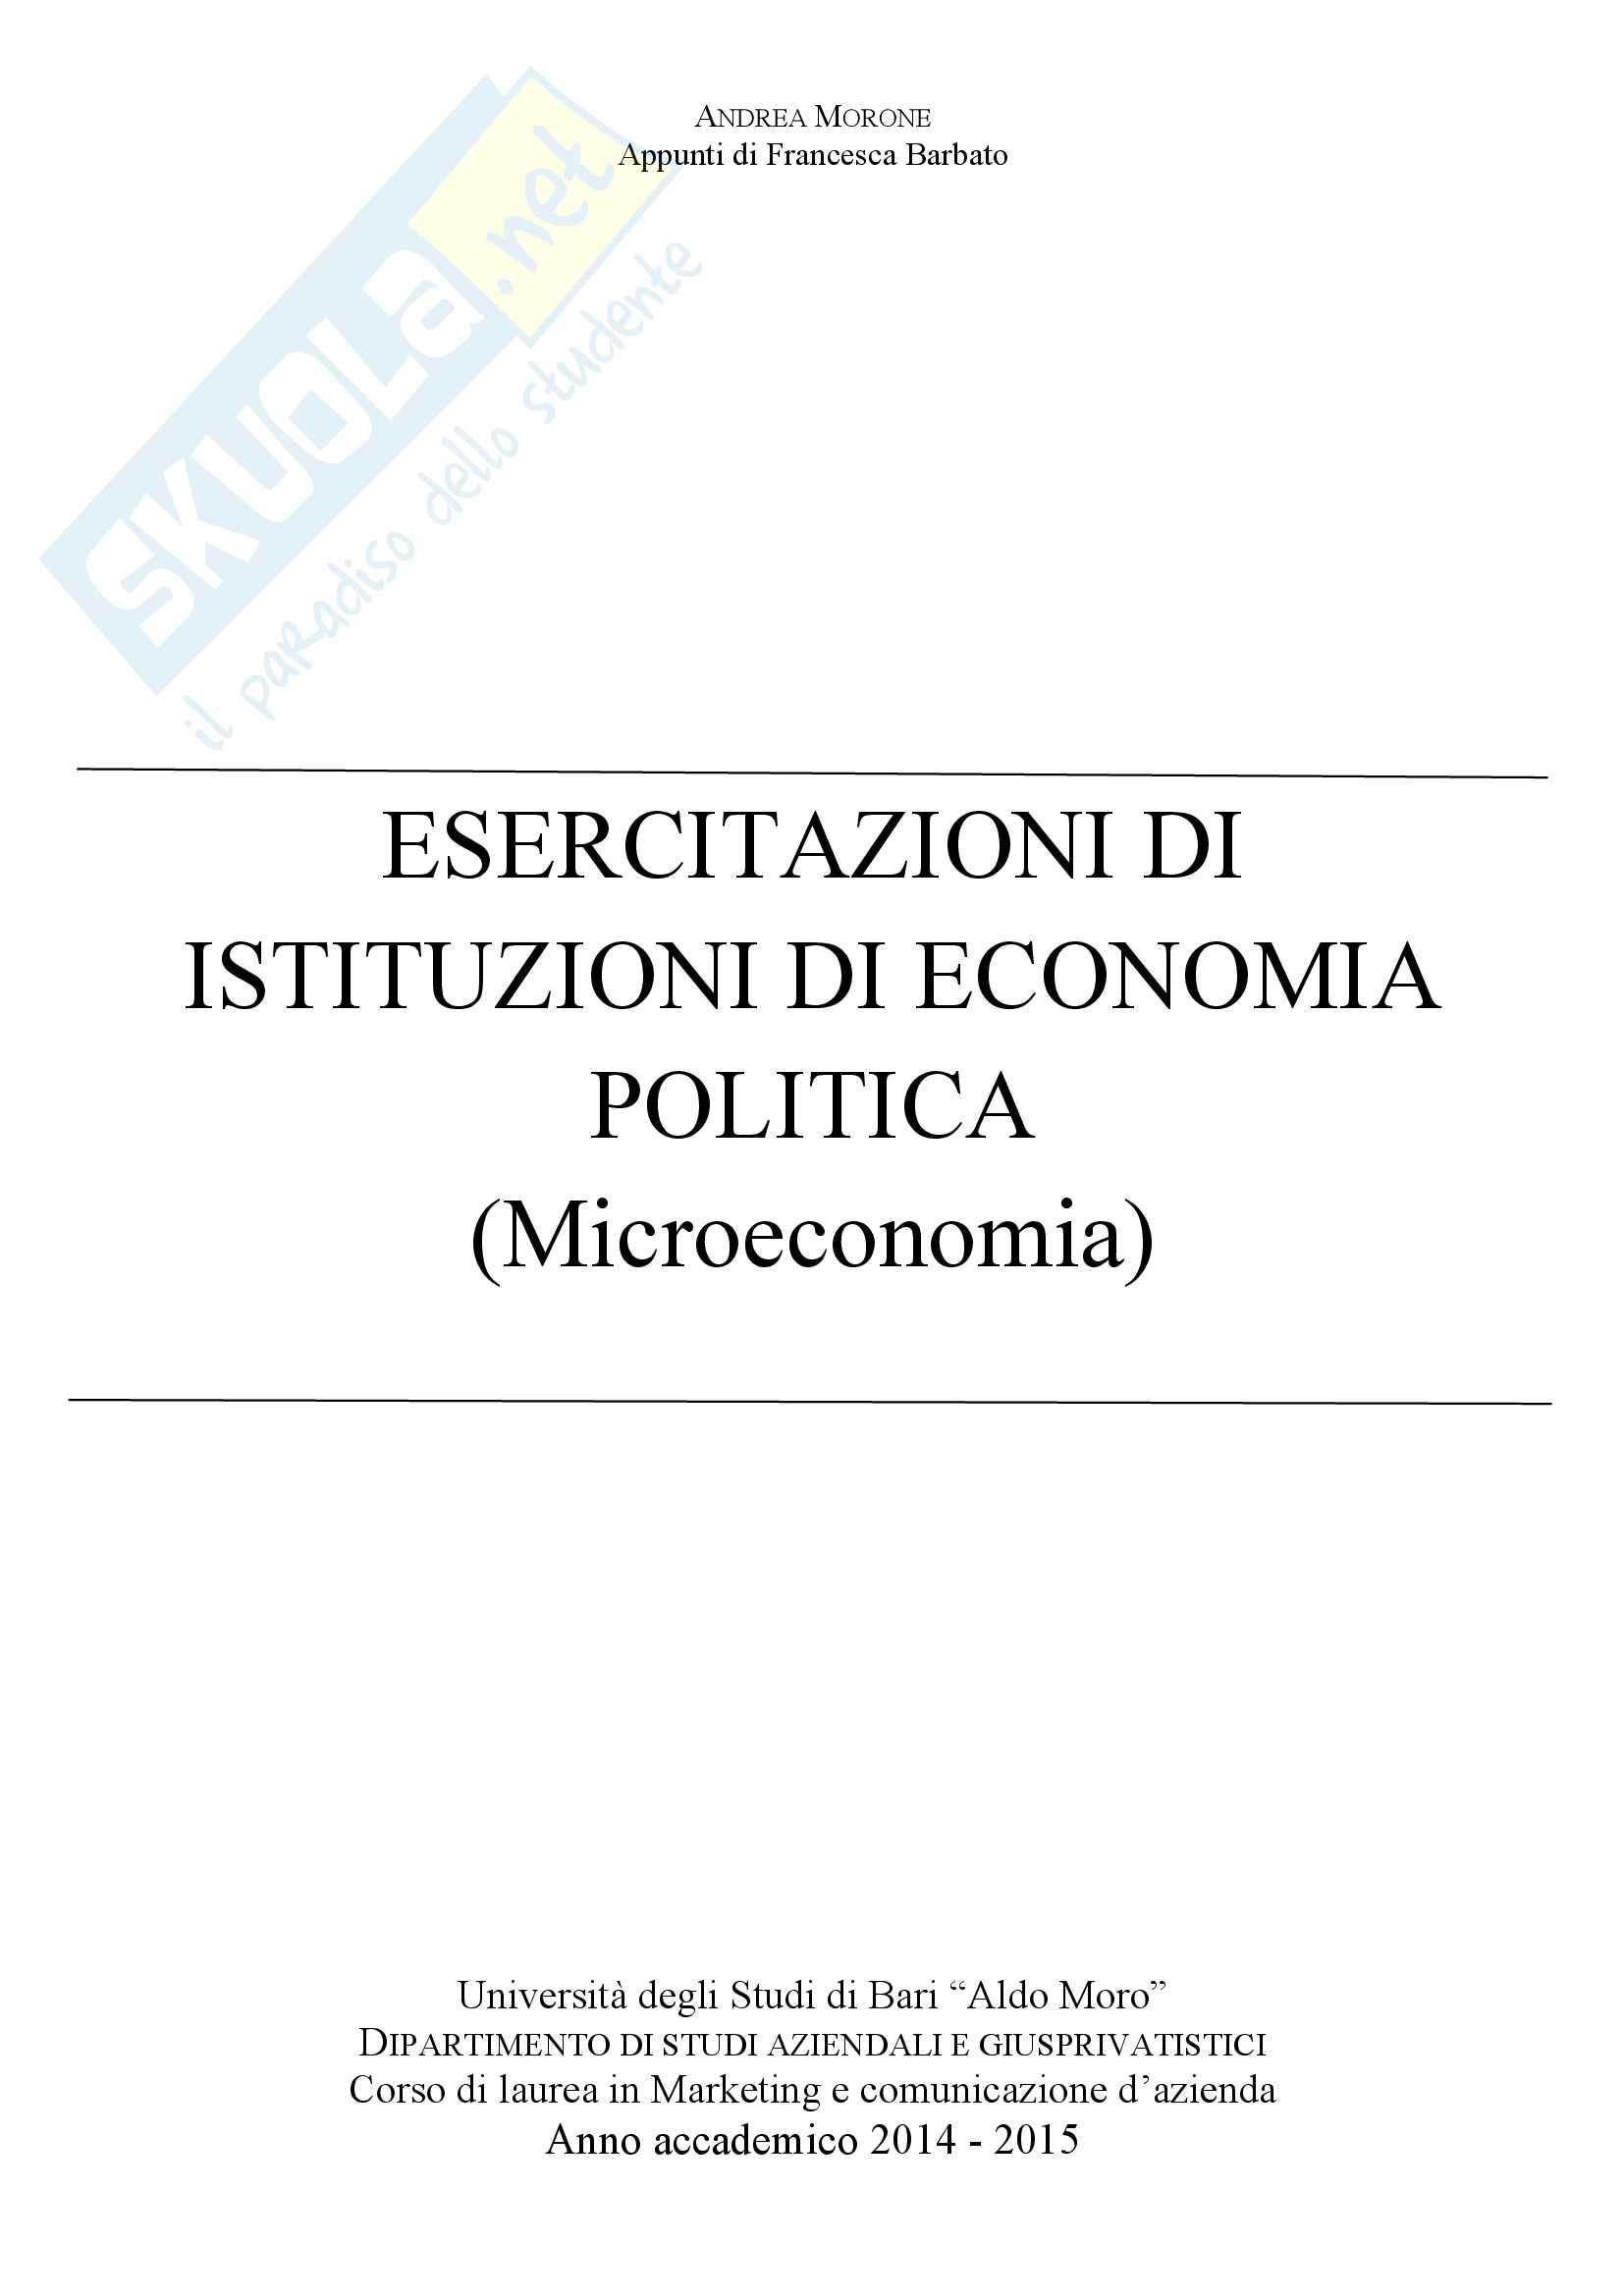 Esercitazioni di Istituzioni di Economia politica